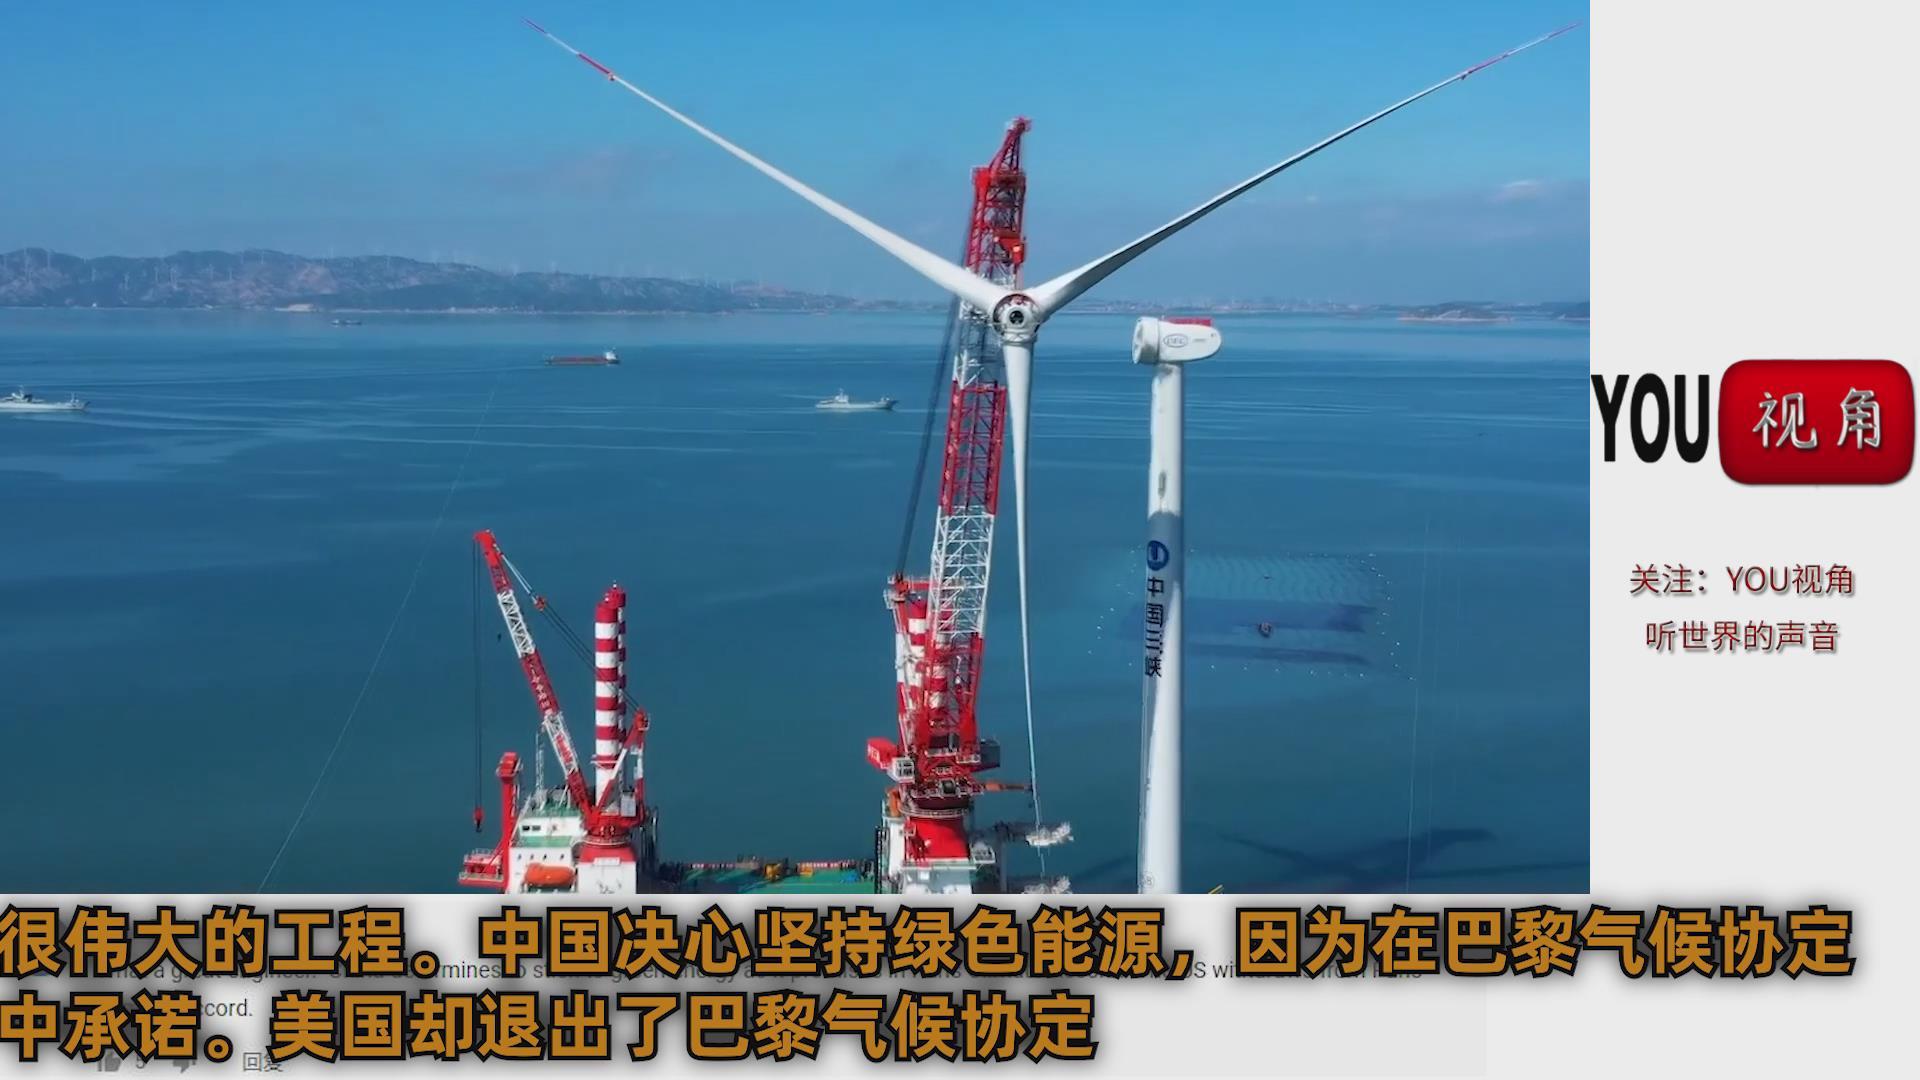 老外看中国的风力发电机 外国网友 中国在新能源方面做得很好